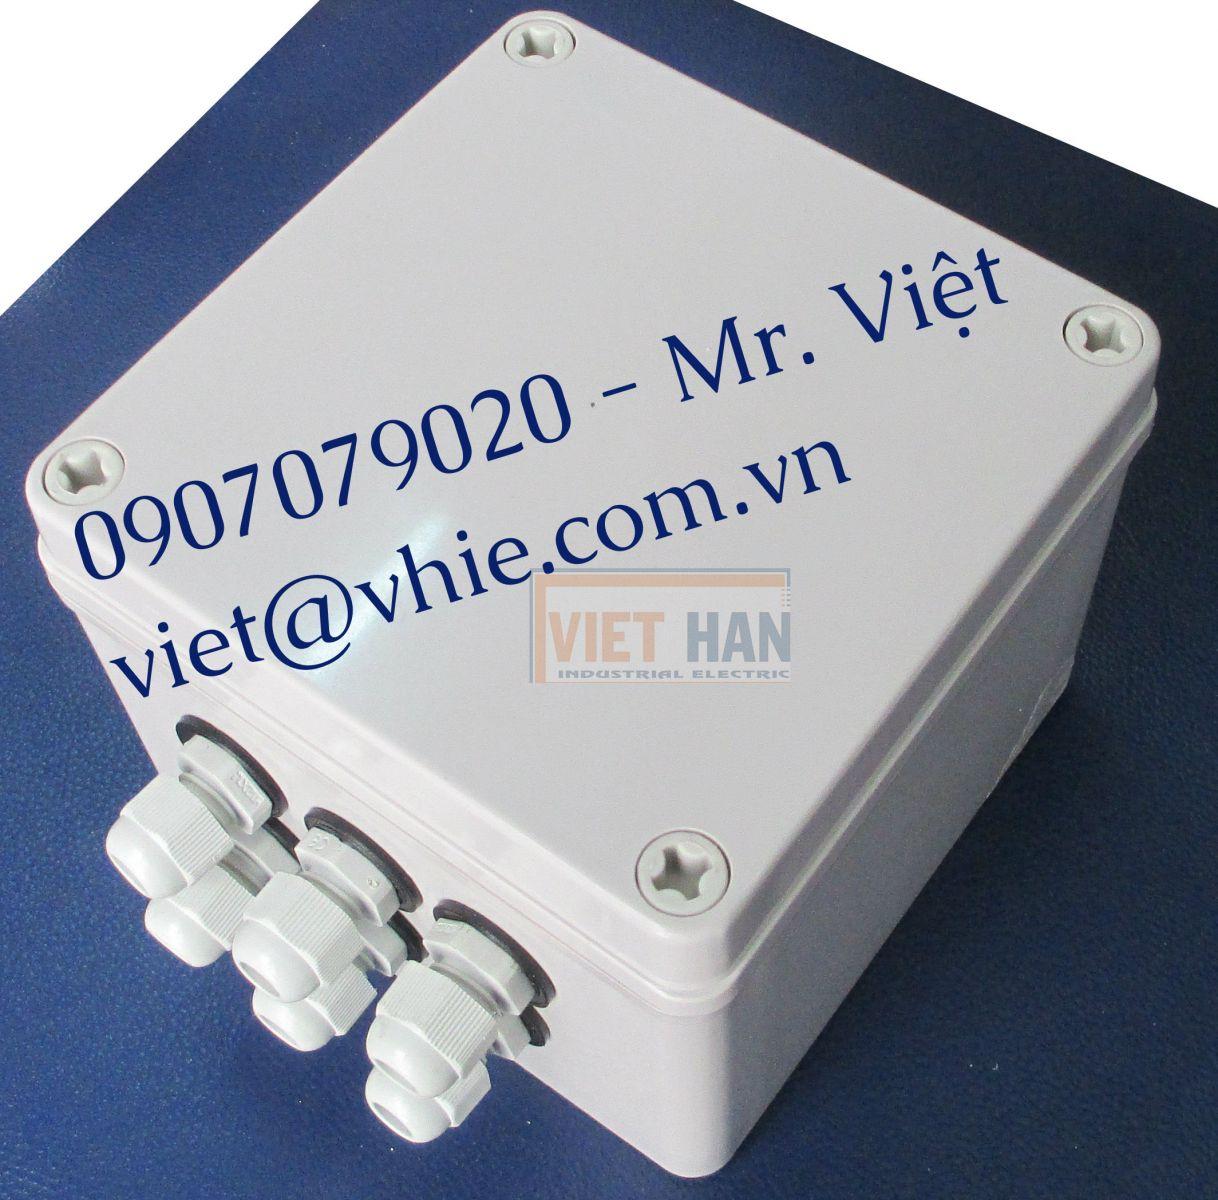 Tủ điện nhựa chống thấm nước IP 67